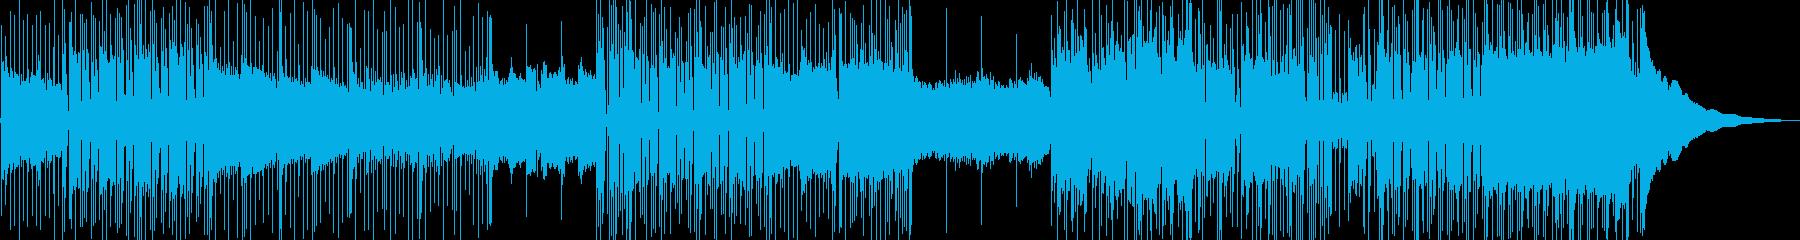 ミステリアスな雰囲気のギターロックBGMの再生済みの波形